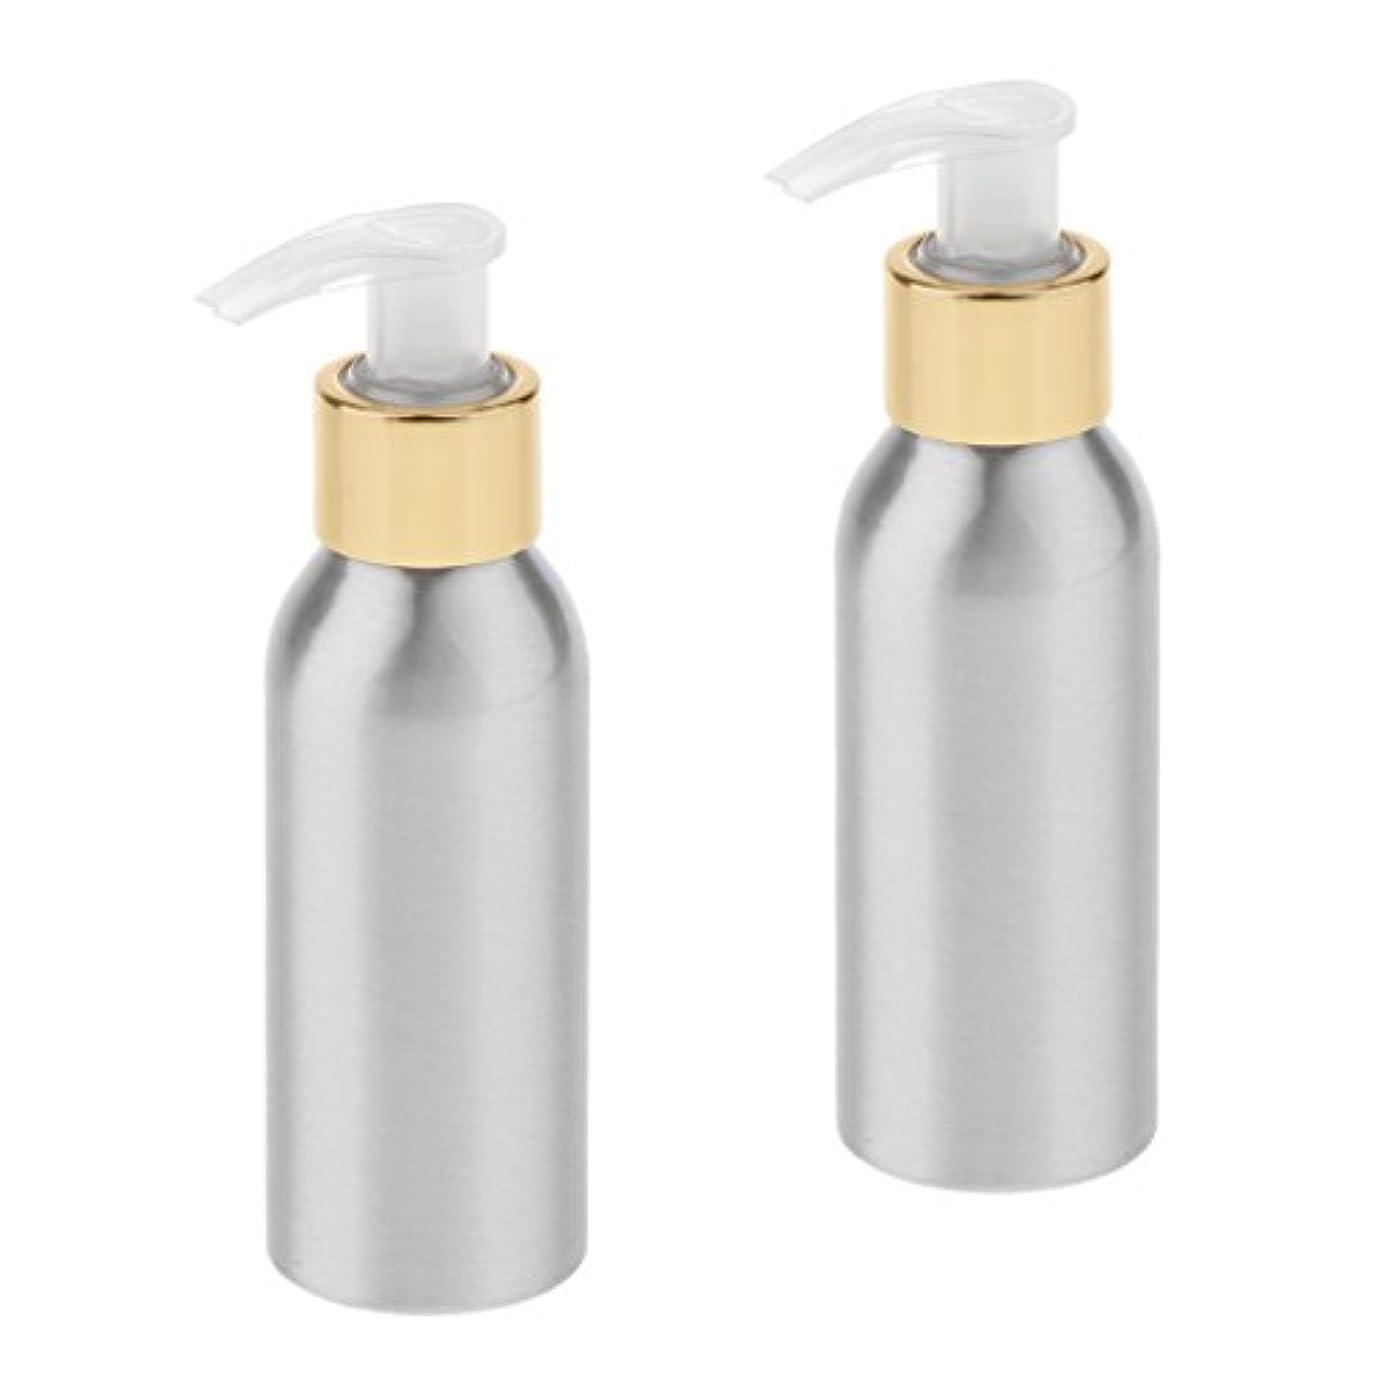 ポジションシルエット初期のSharplace ポンプボトル スプレーボトル 噴霧器 アルミボトル 旅行 出張 用品 詰替え 化粧品 2本入り 全6サイズ - 250ml